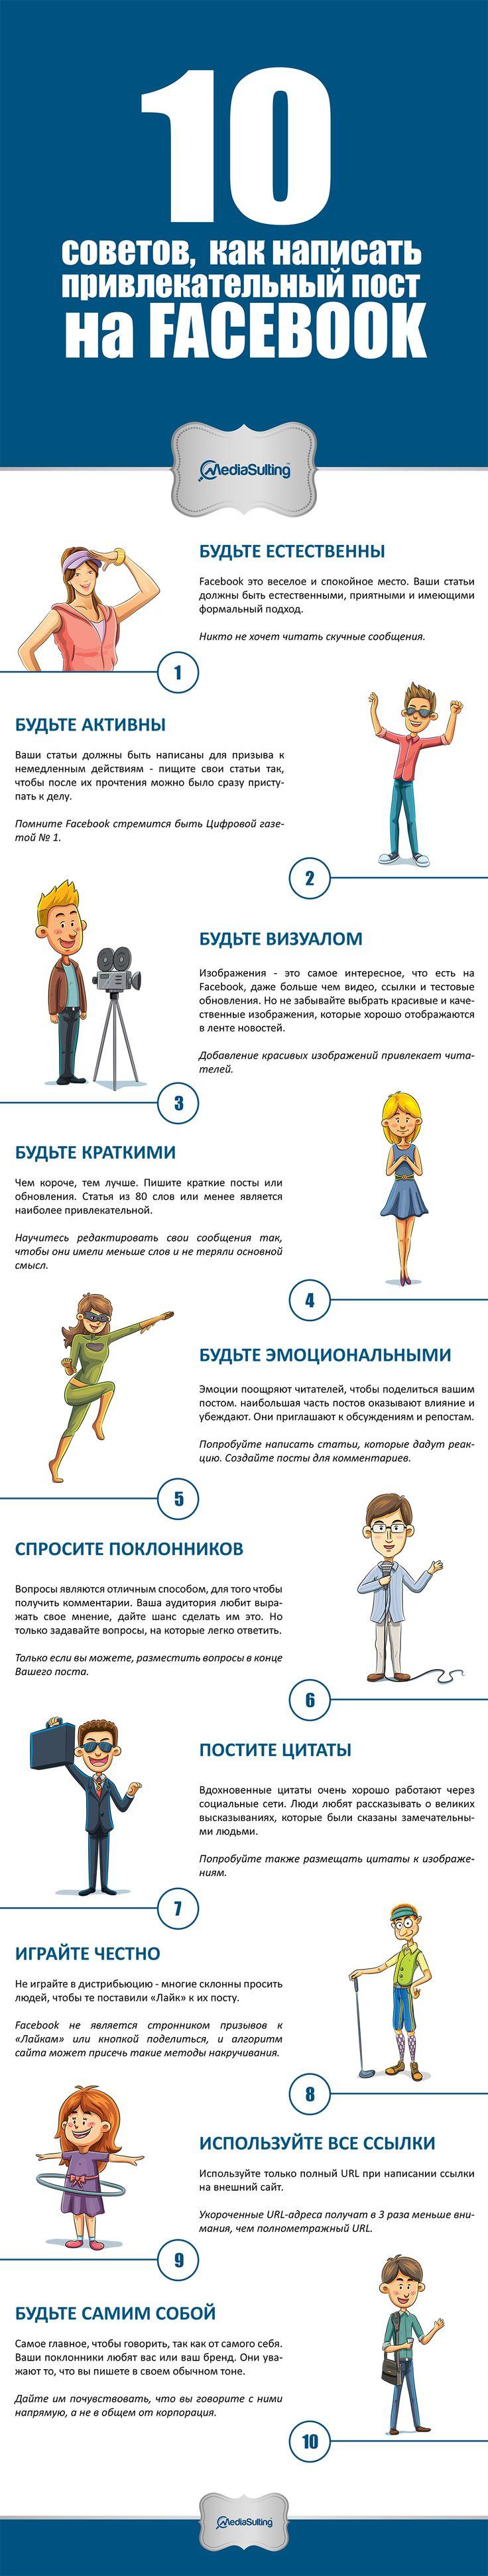 10 советов как написать привлекательный пост на Facebook https://mediasulting.com